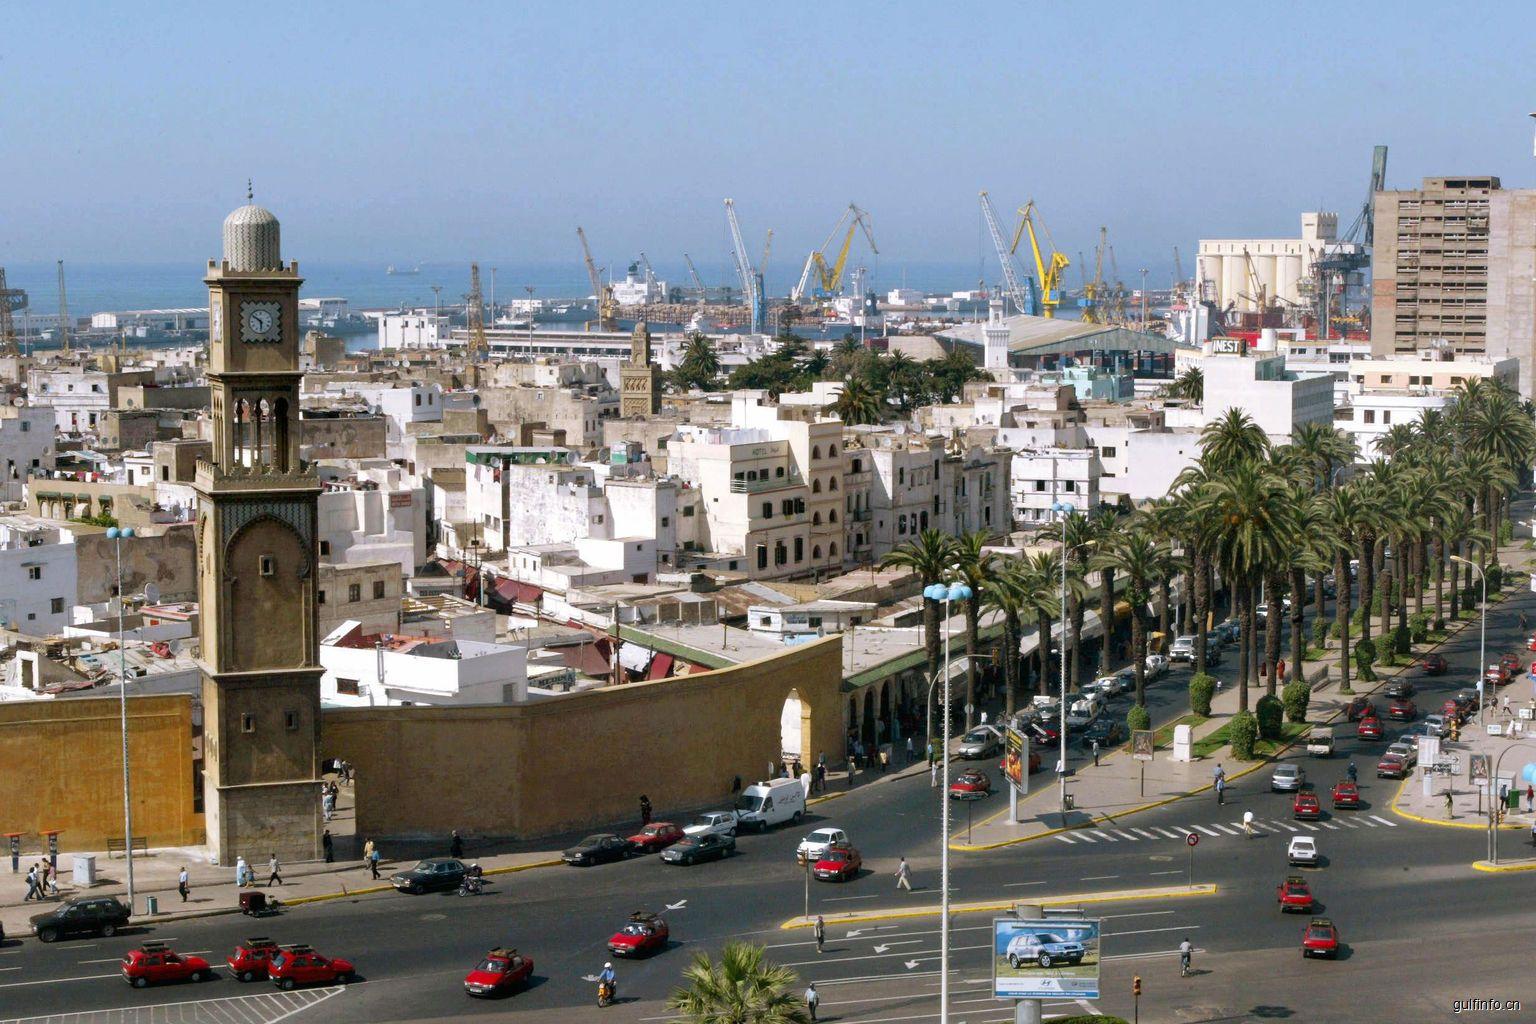 分析 | 非洲城市化发展现状与前景